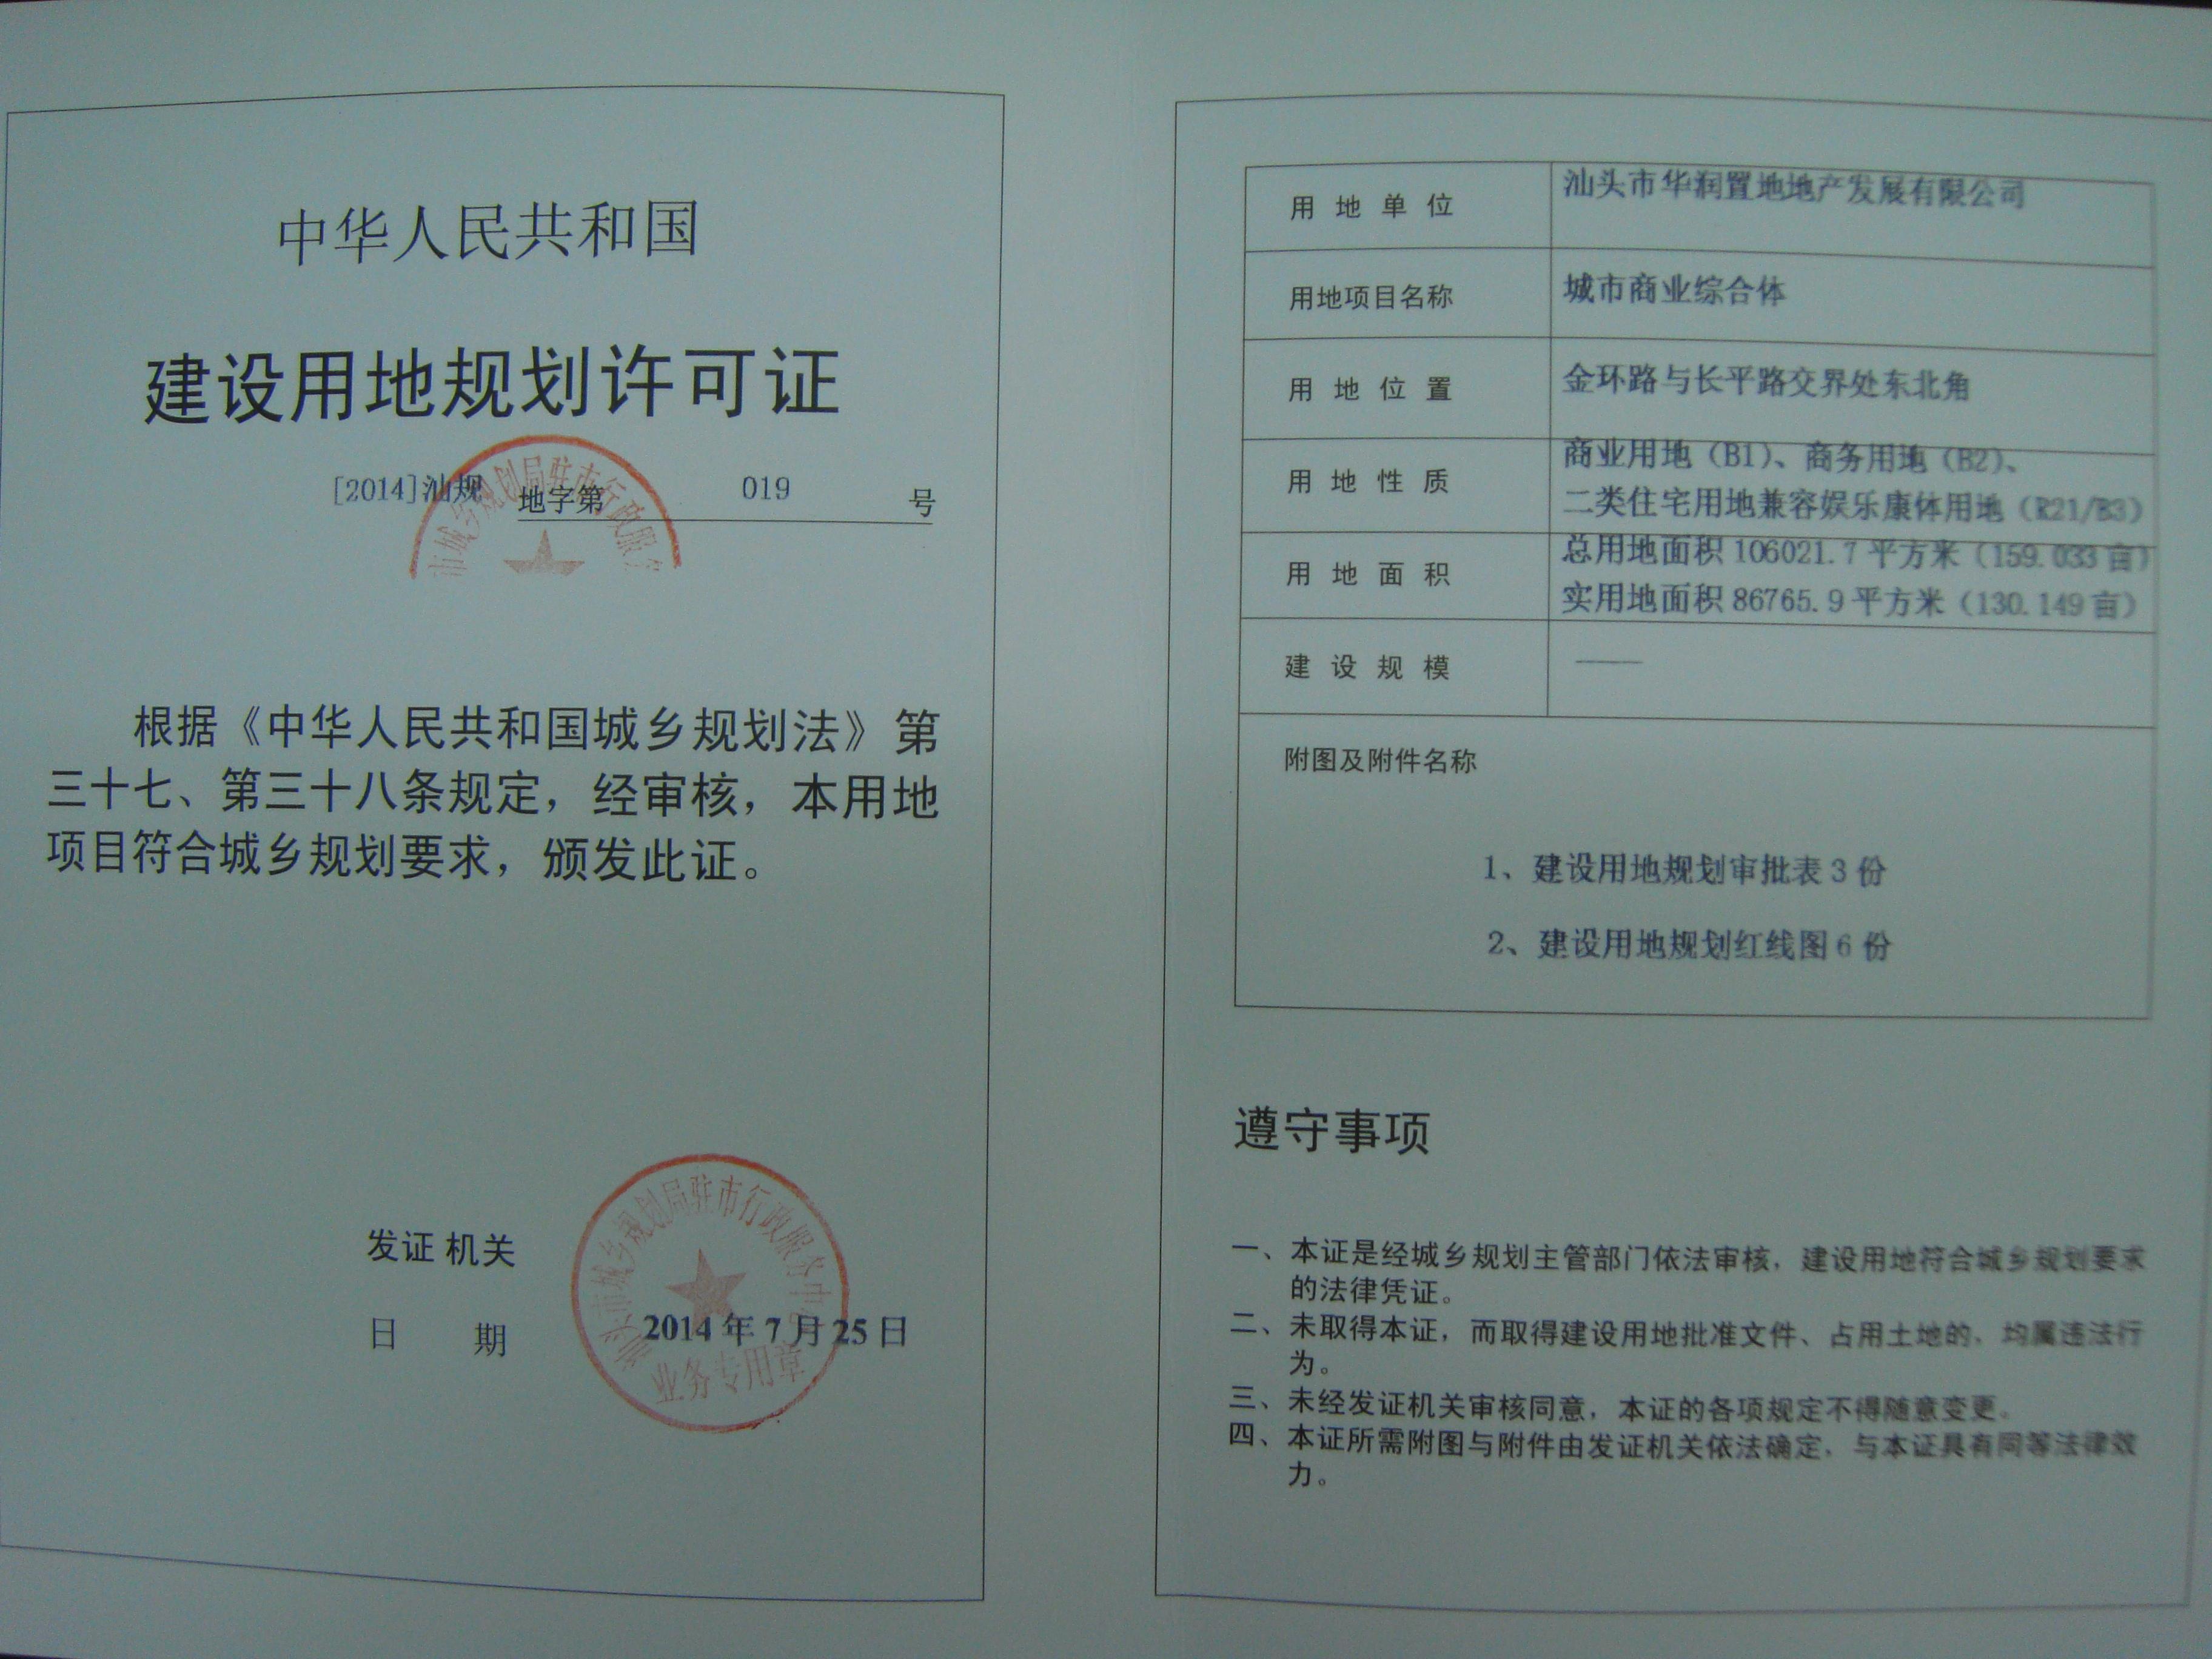 龙湖:华润・万象城获《建设用地规划许可证》